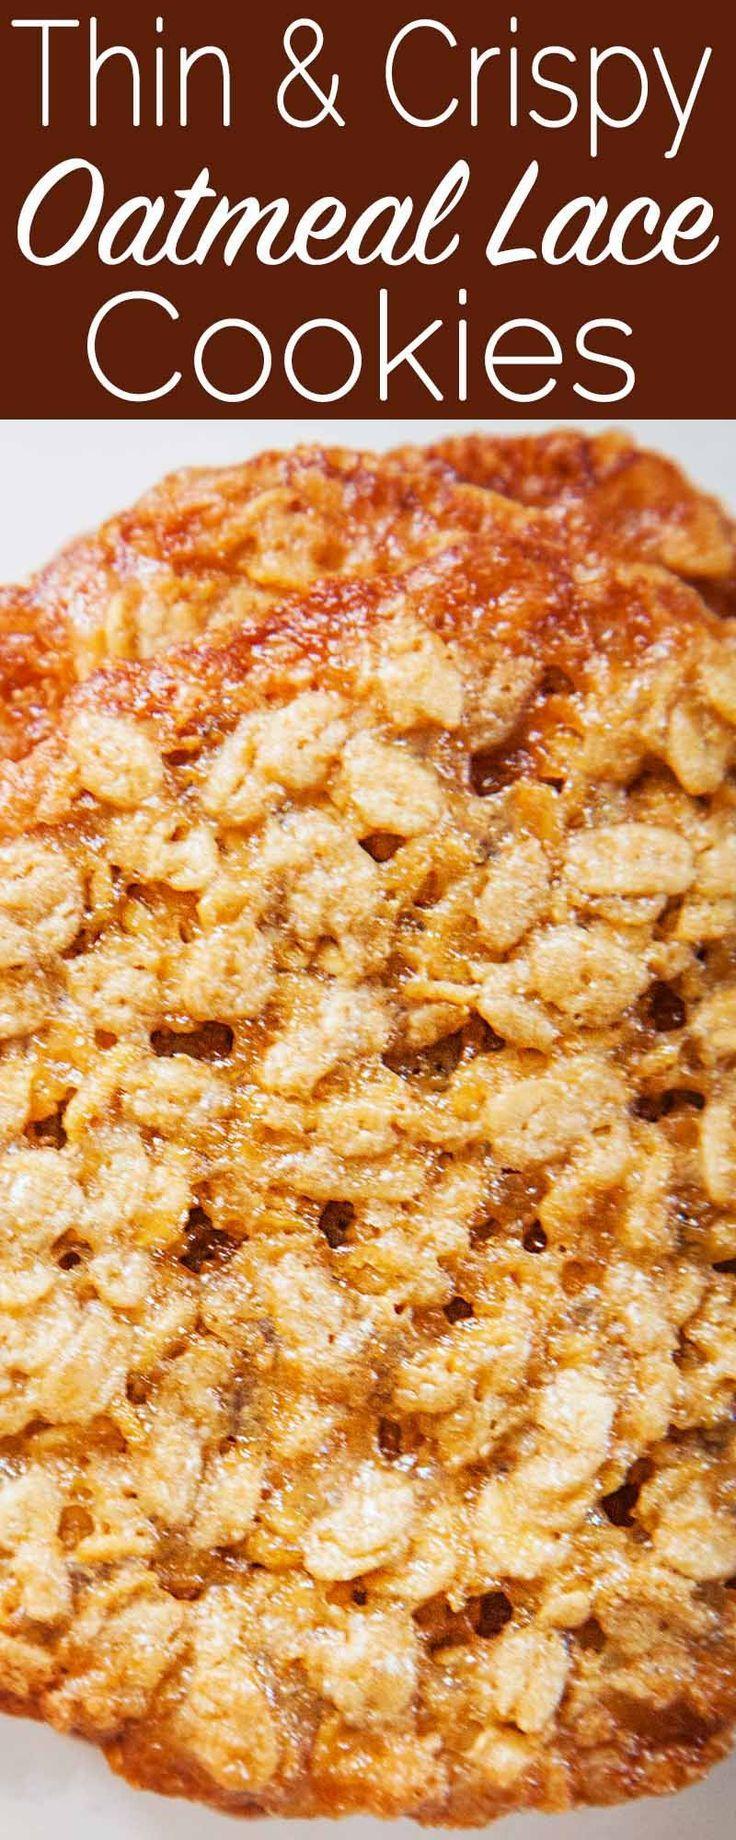 Haferflocken-Spitzenkekse haben die dünne und knusprige Güte, die Sie von einem Keks erwarten. -